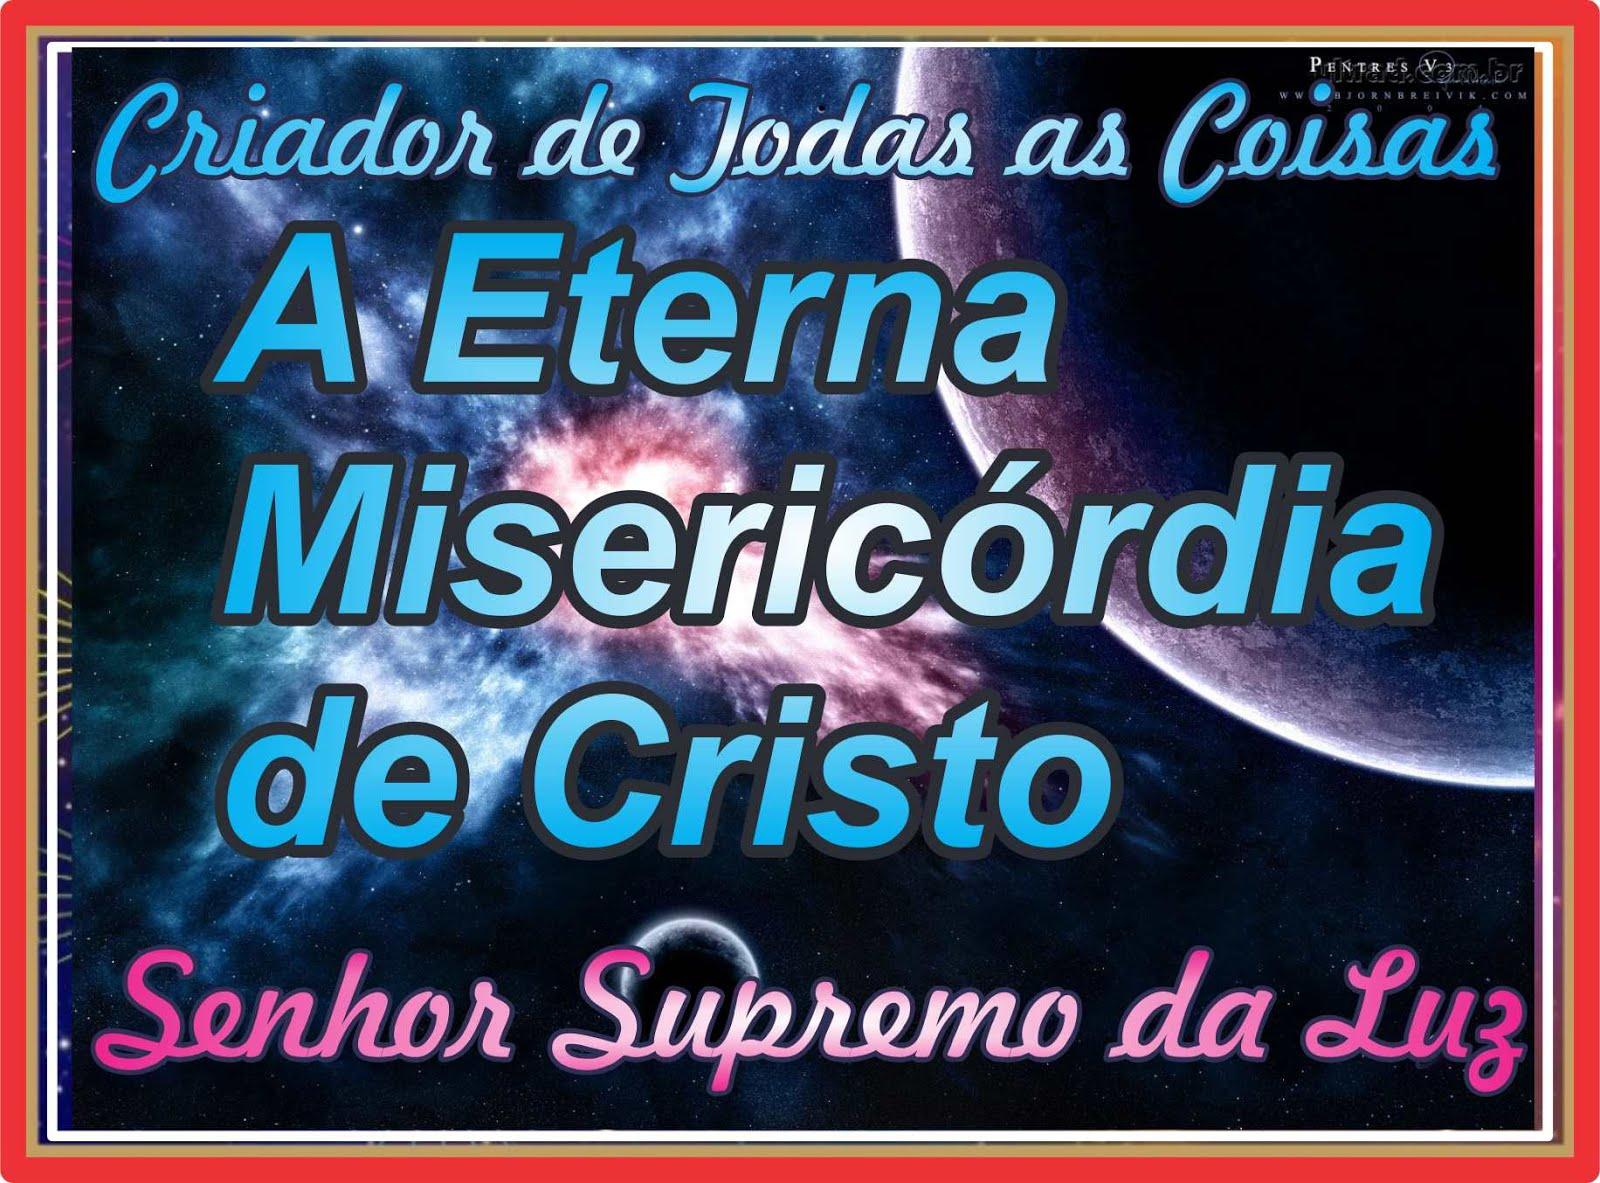 A Eterna Misericórdia de Cristo Jesus